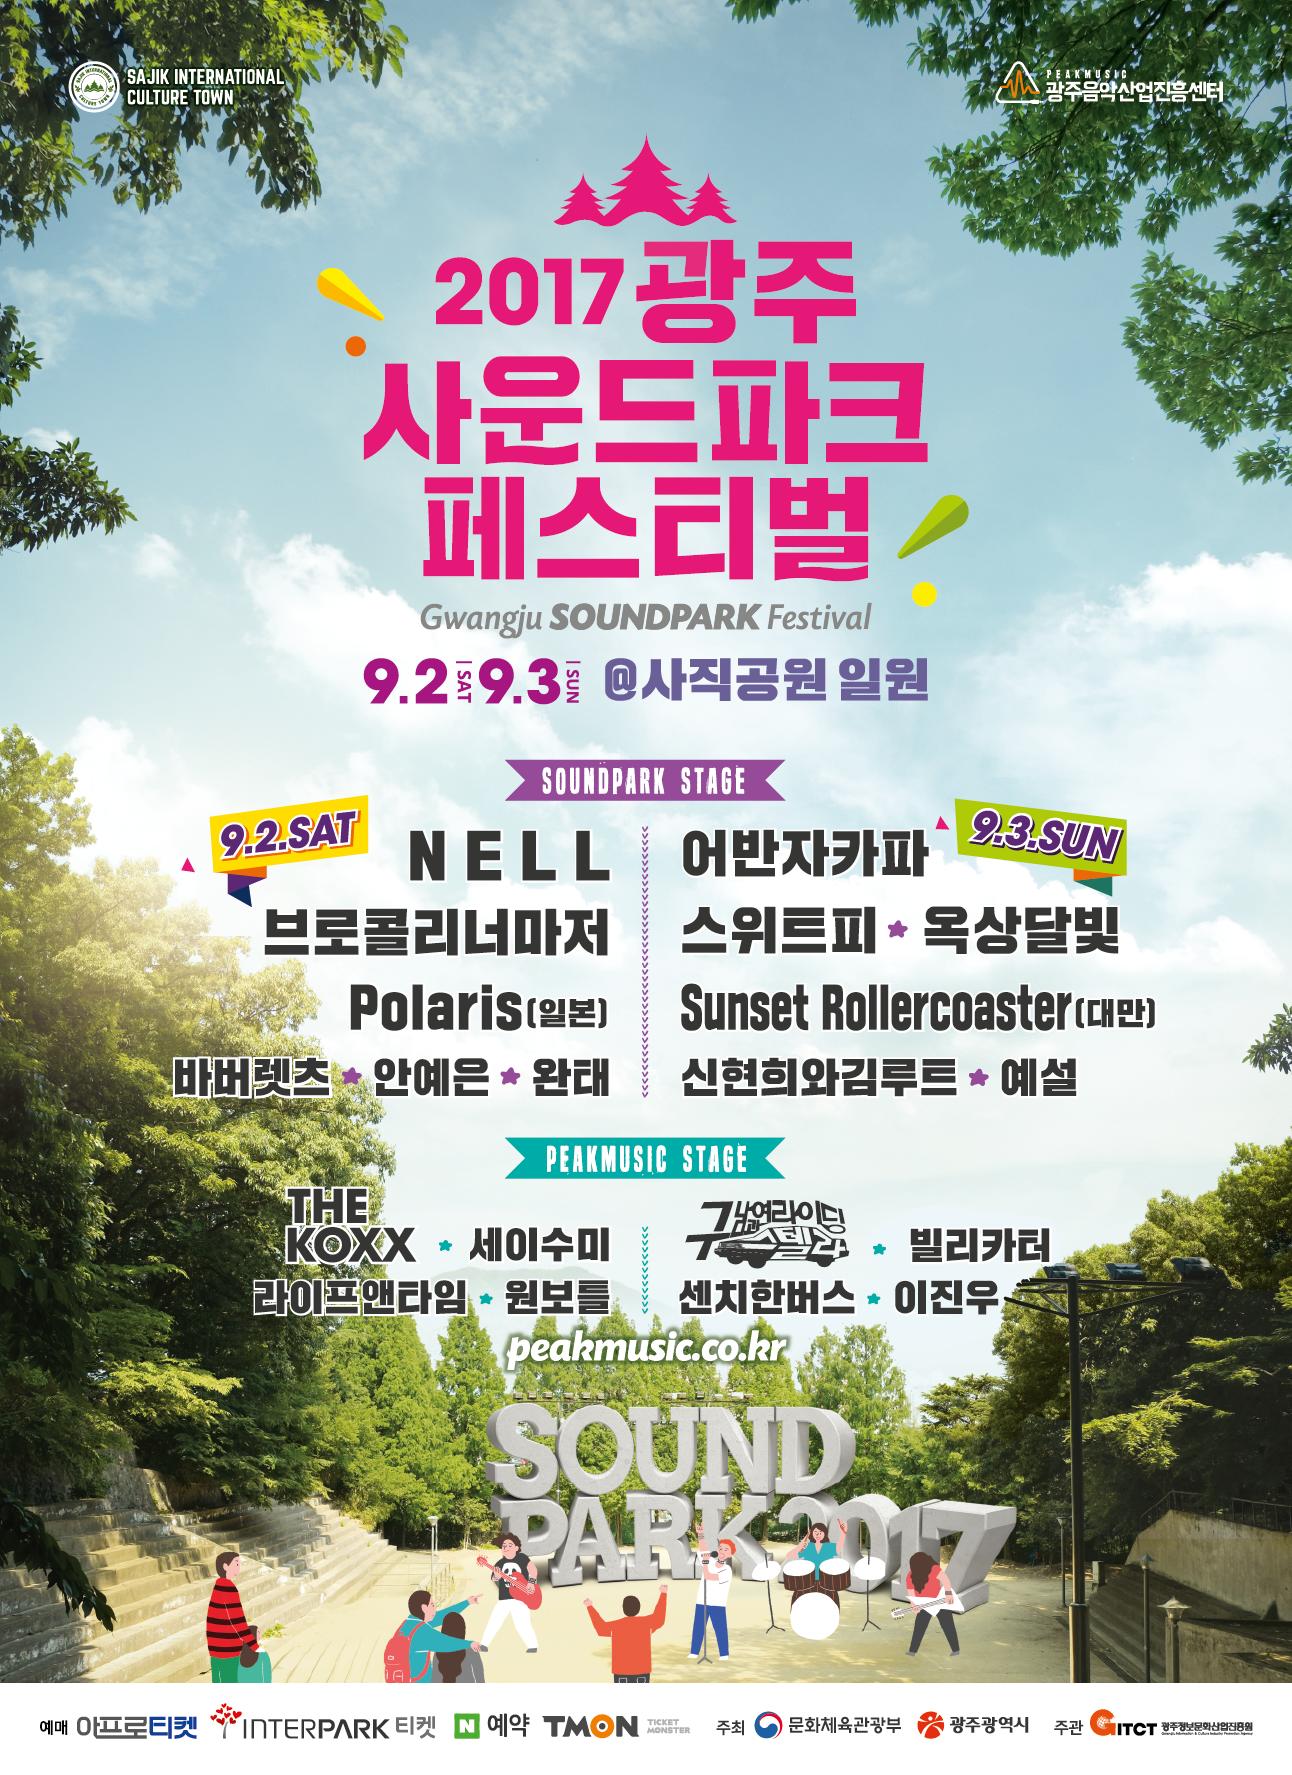 2017광주사운드파크페스티벌-메인포스터3